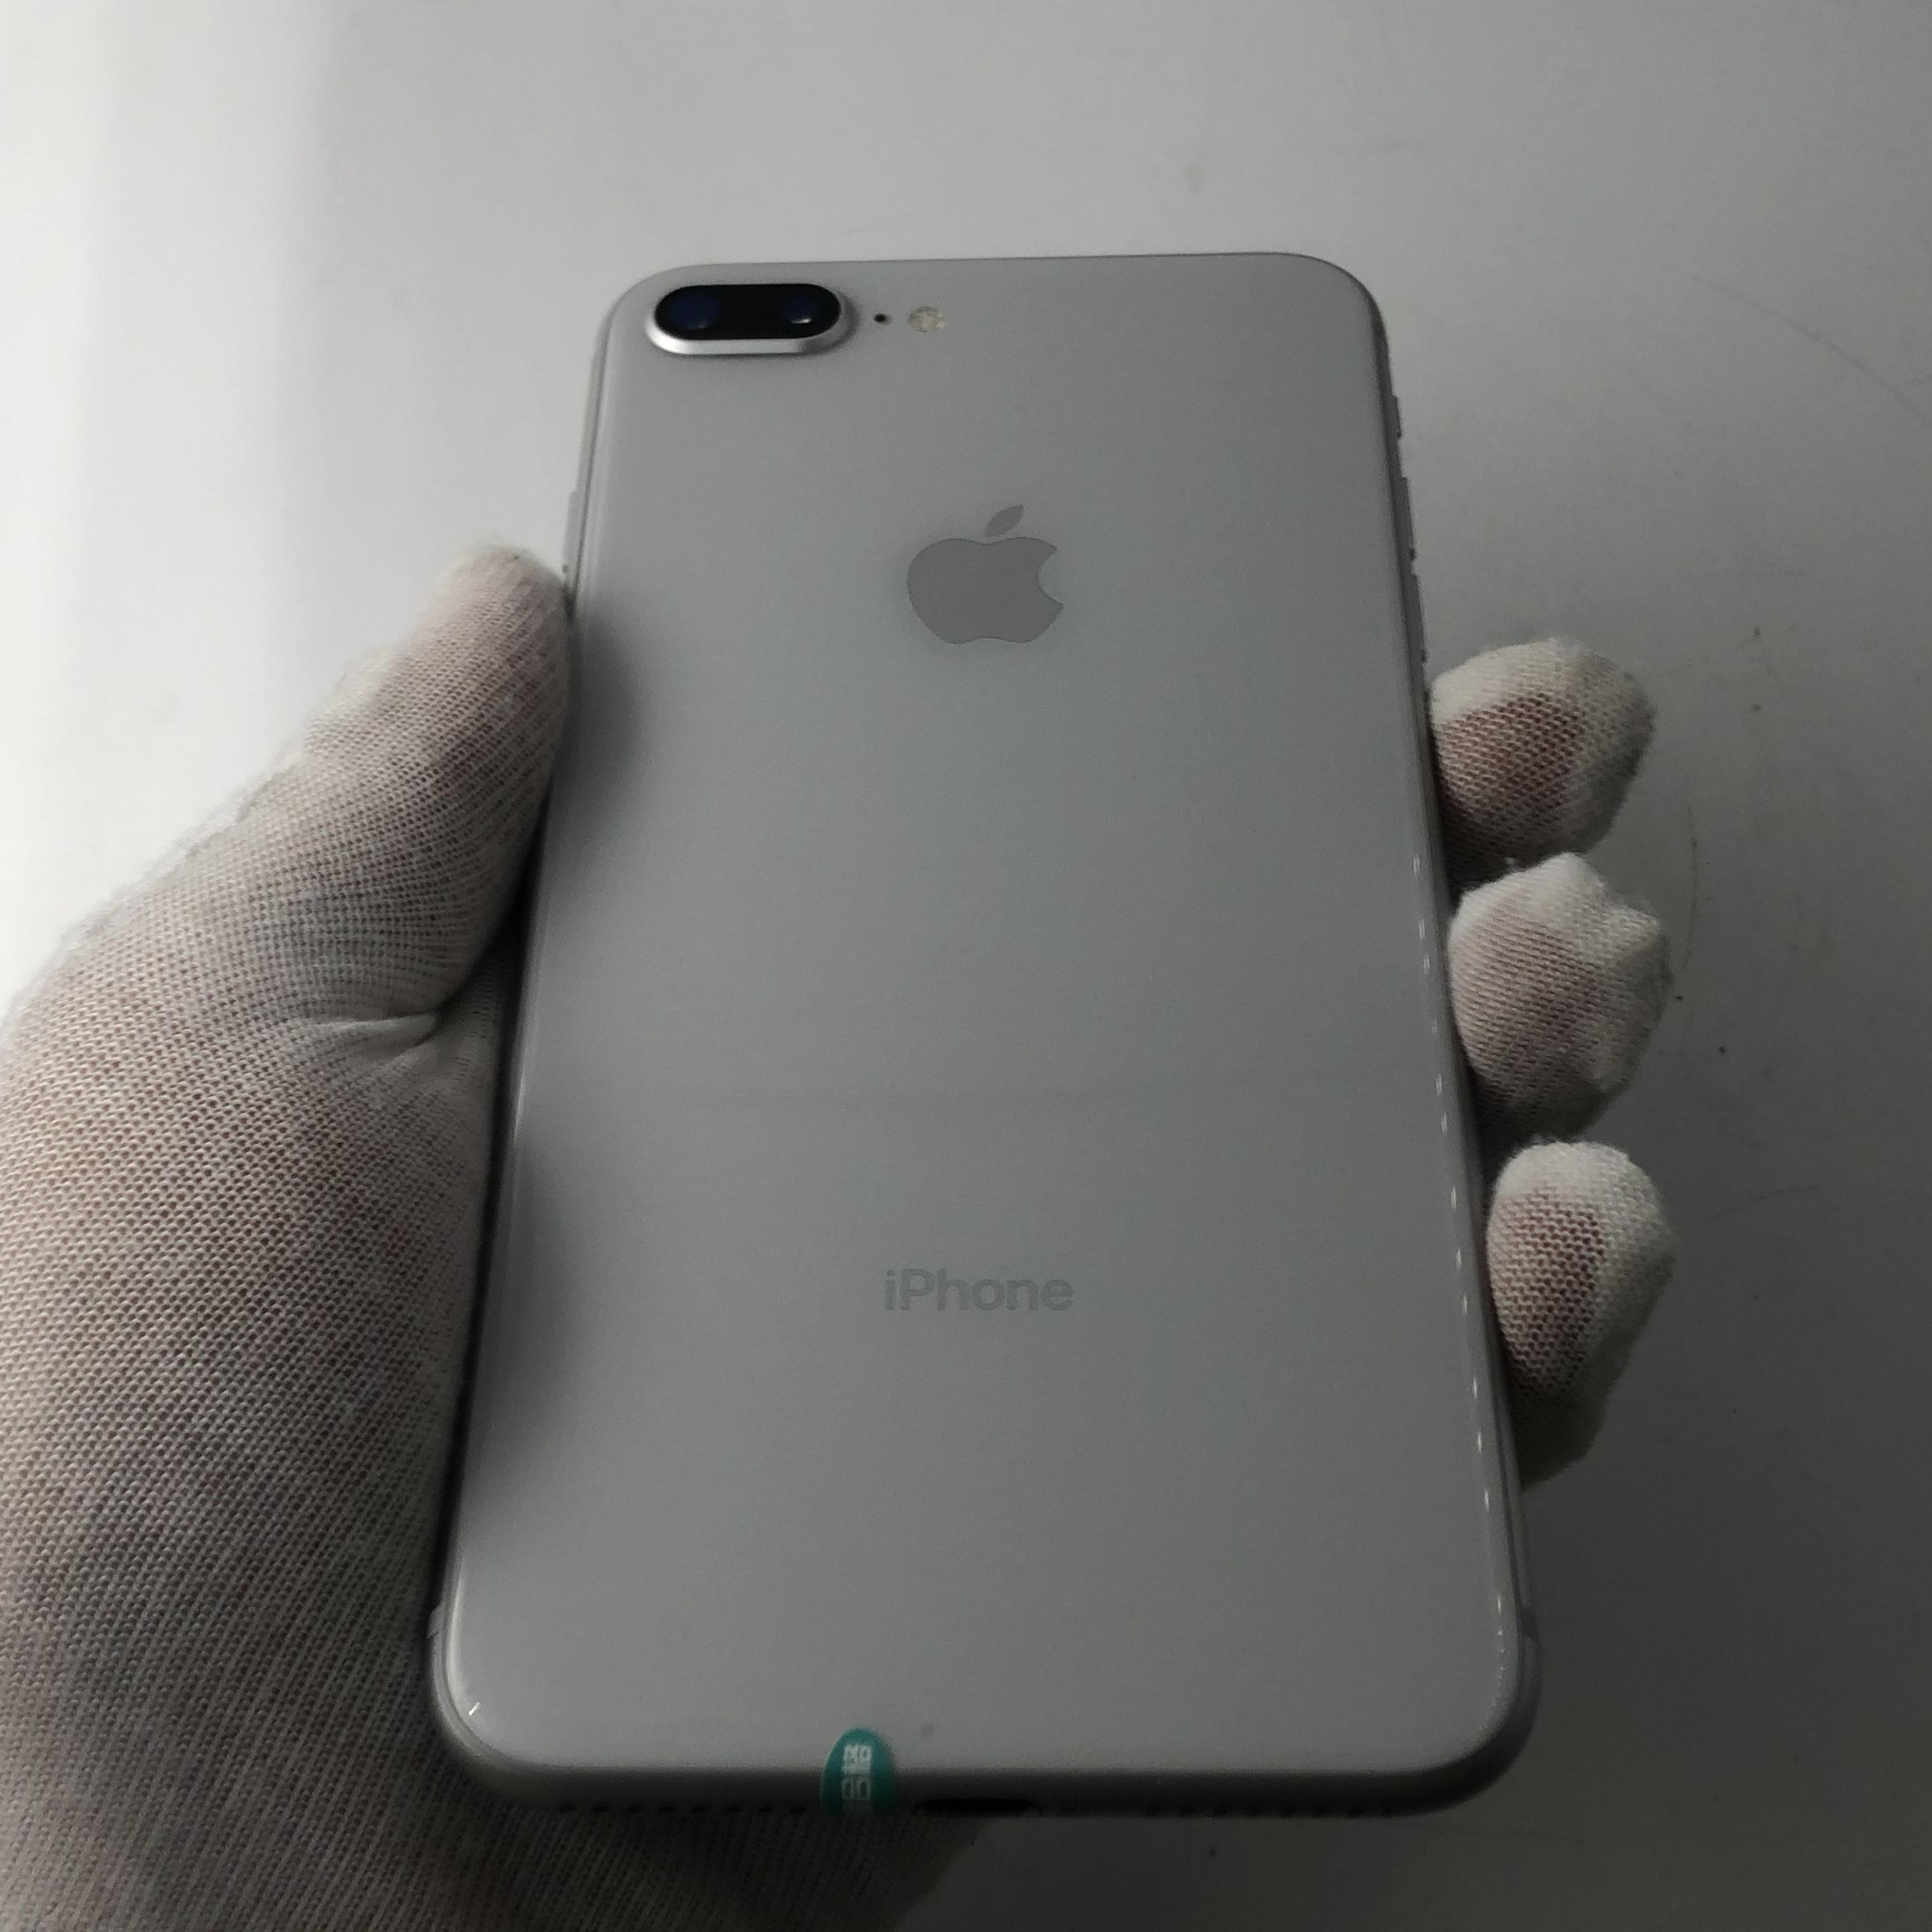 苹果【iPhone 8 Plus】4G全网通 银色 256G 国行 9成新